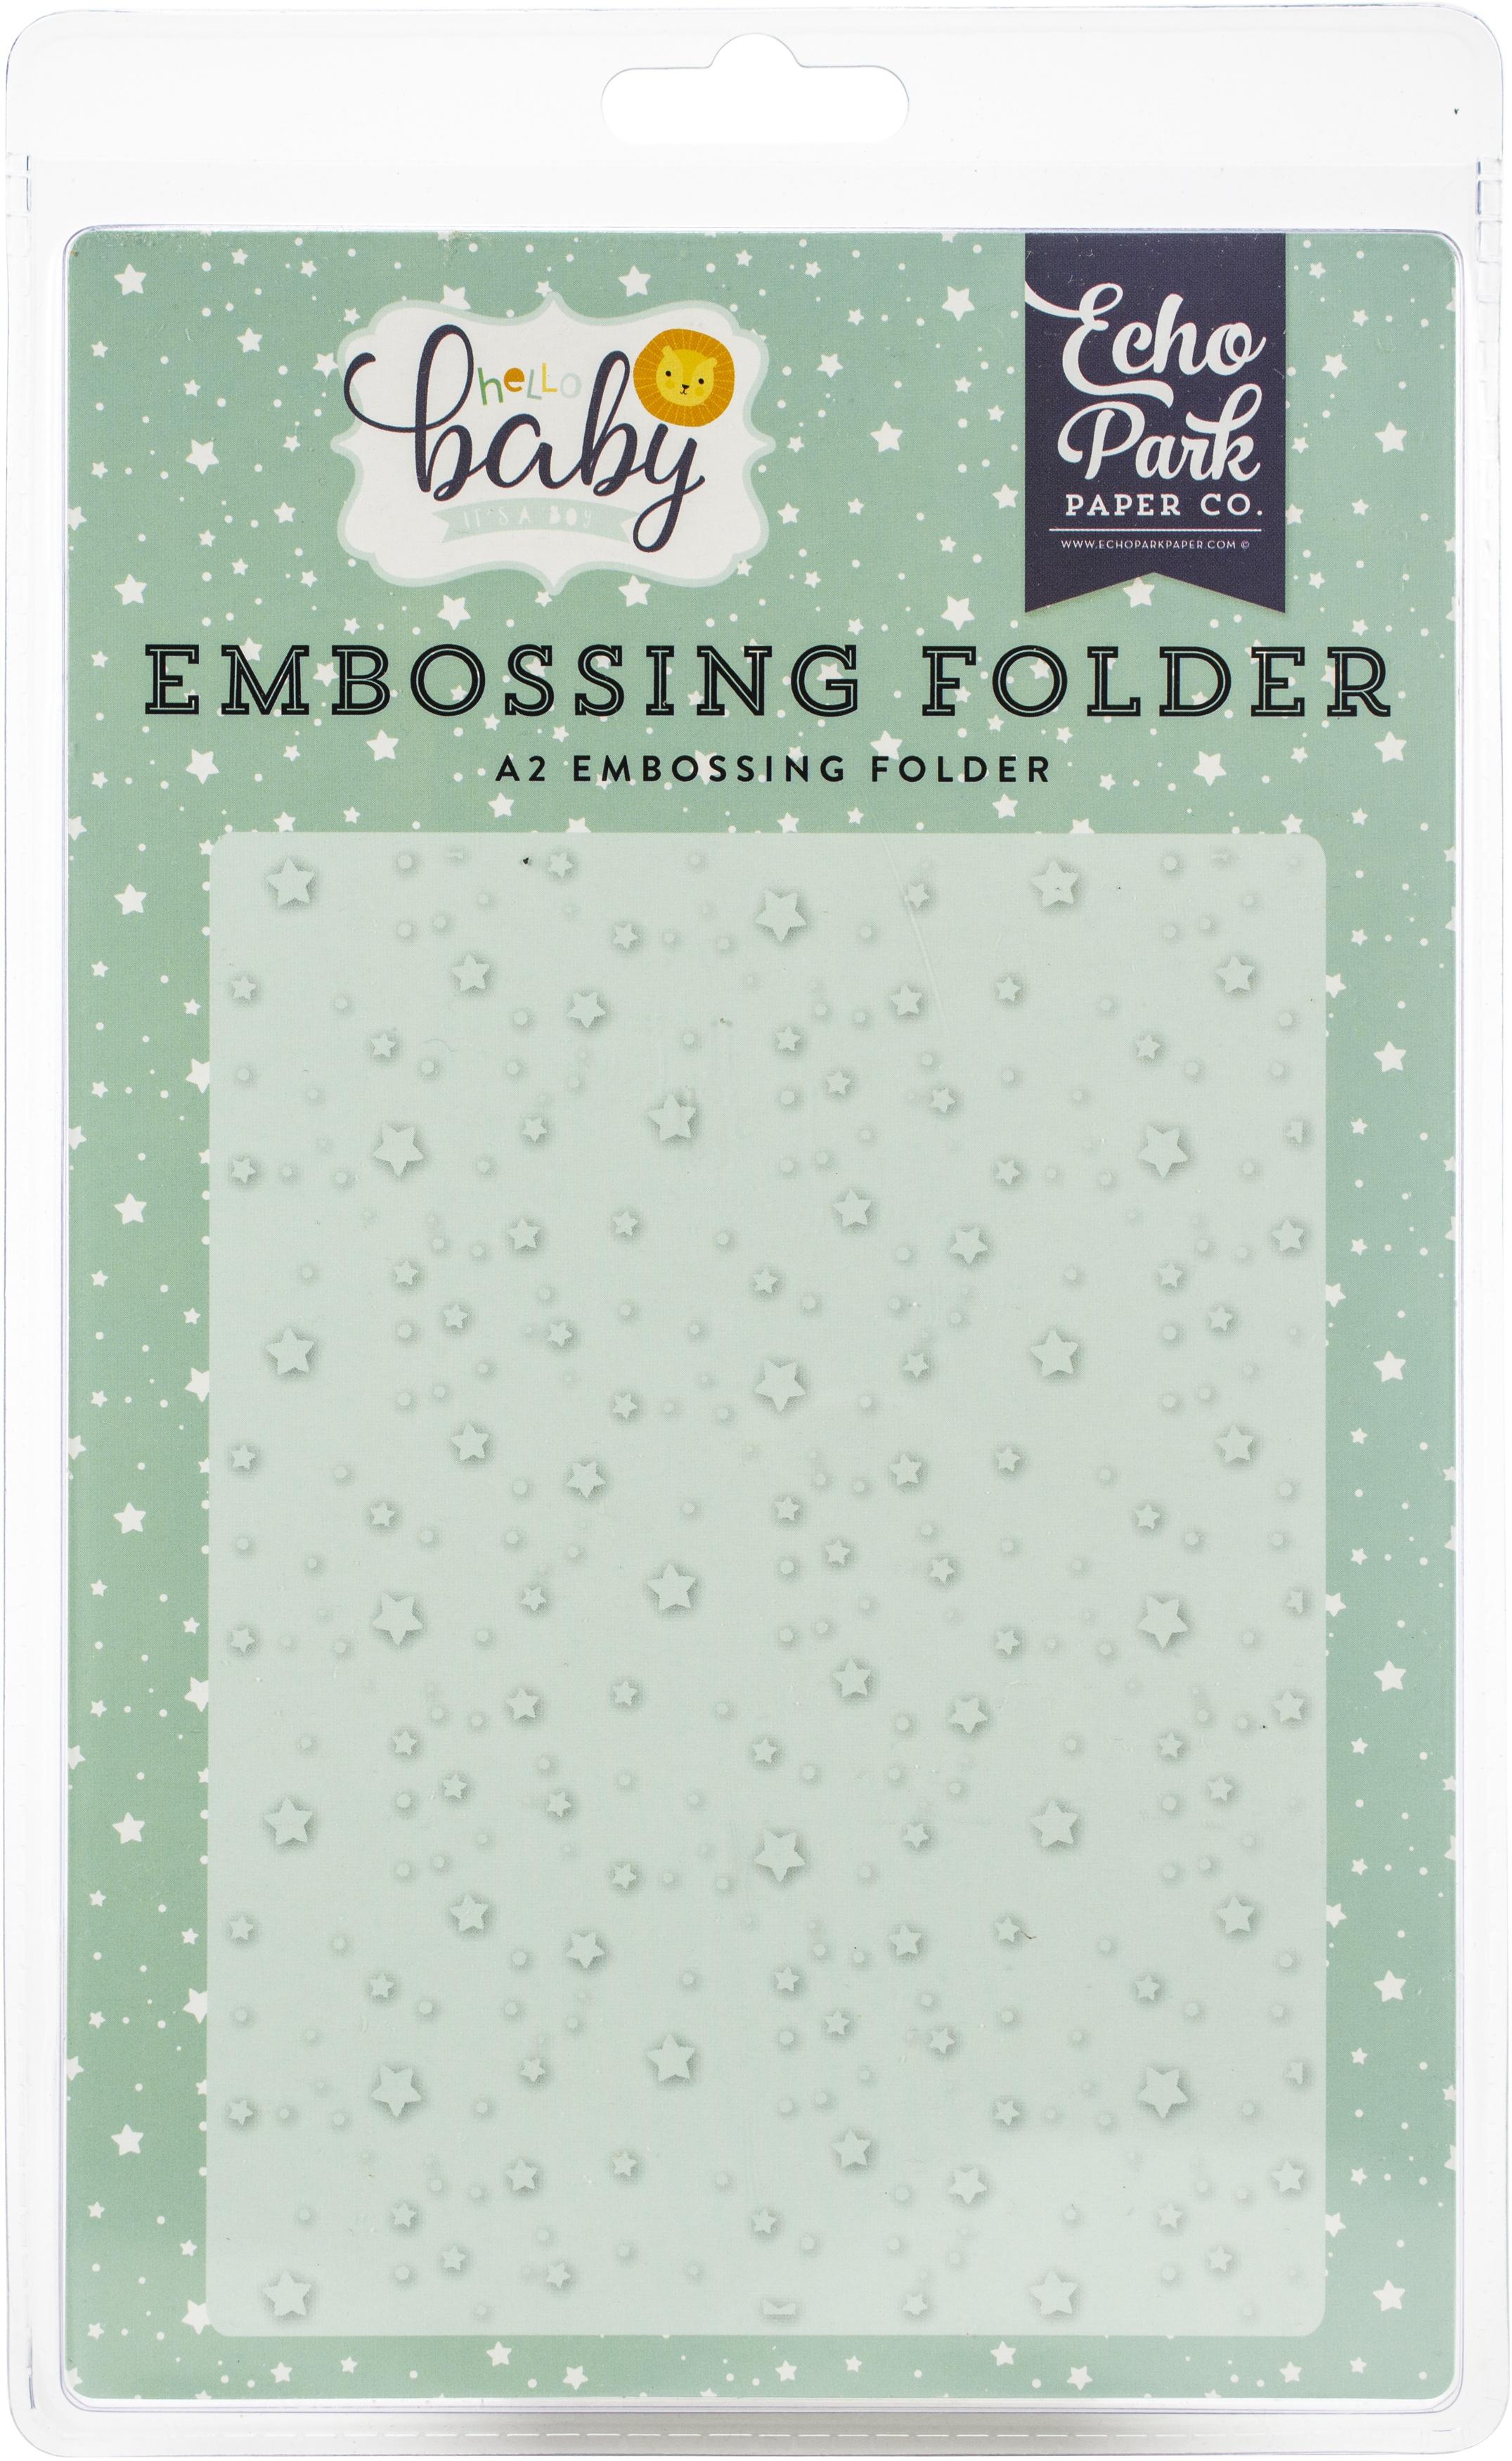 Echo Park Embossing Folder A2-Shining Stars